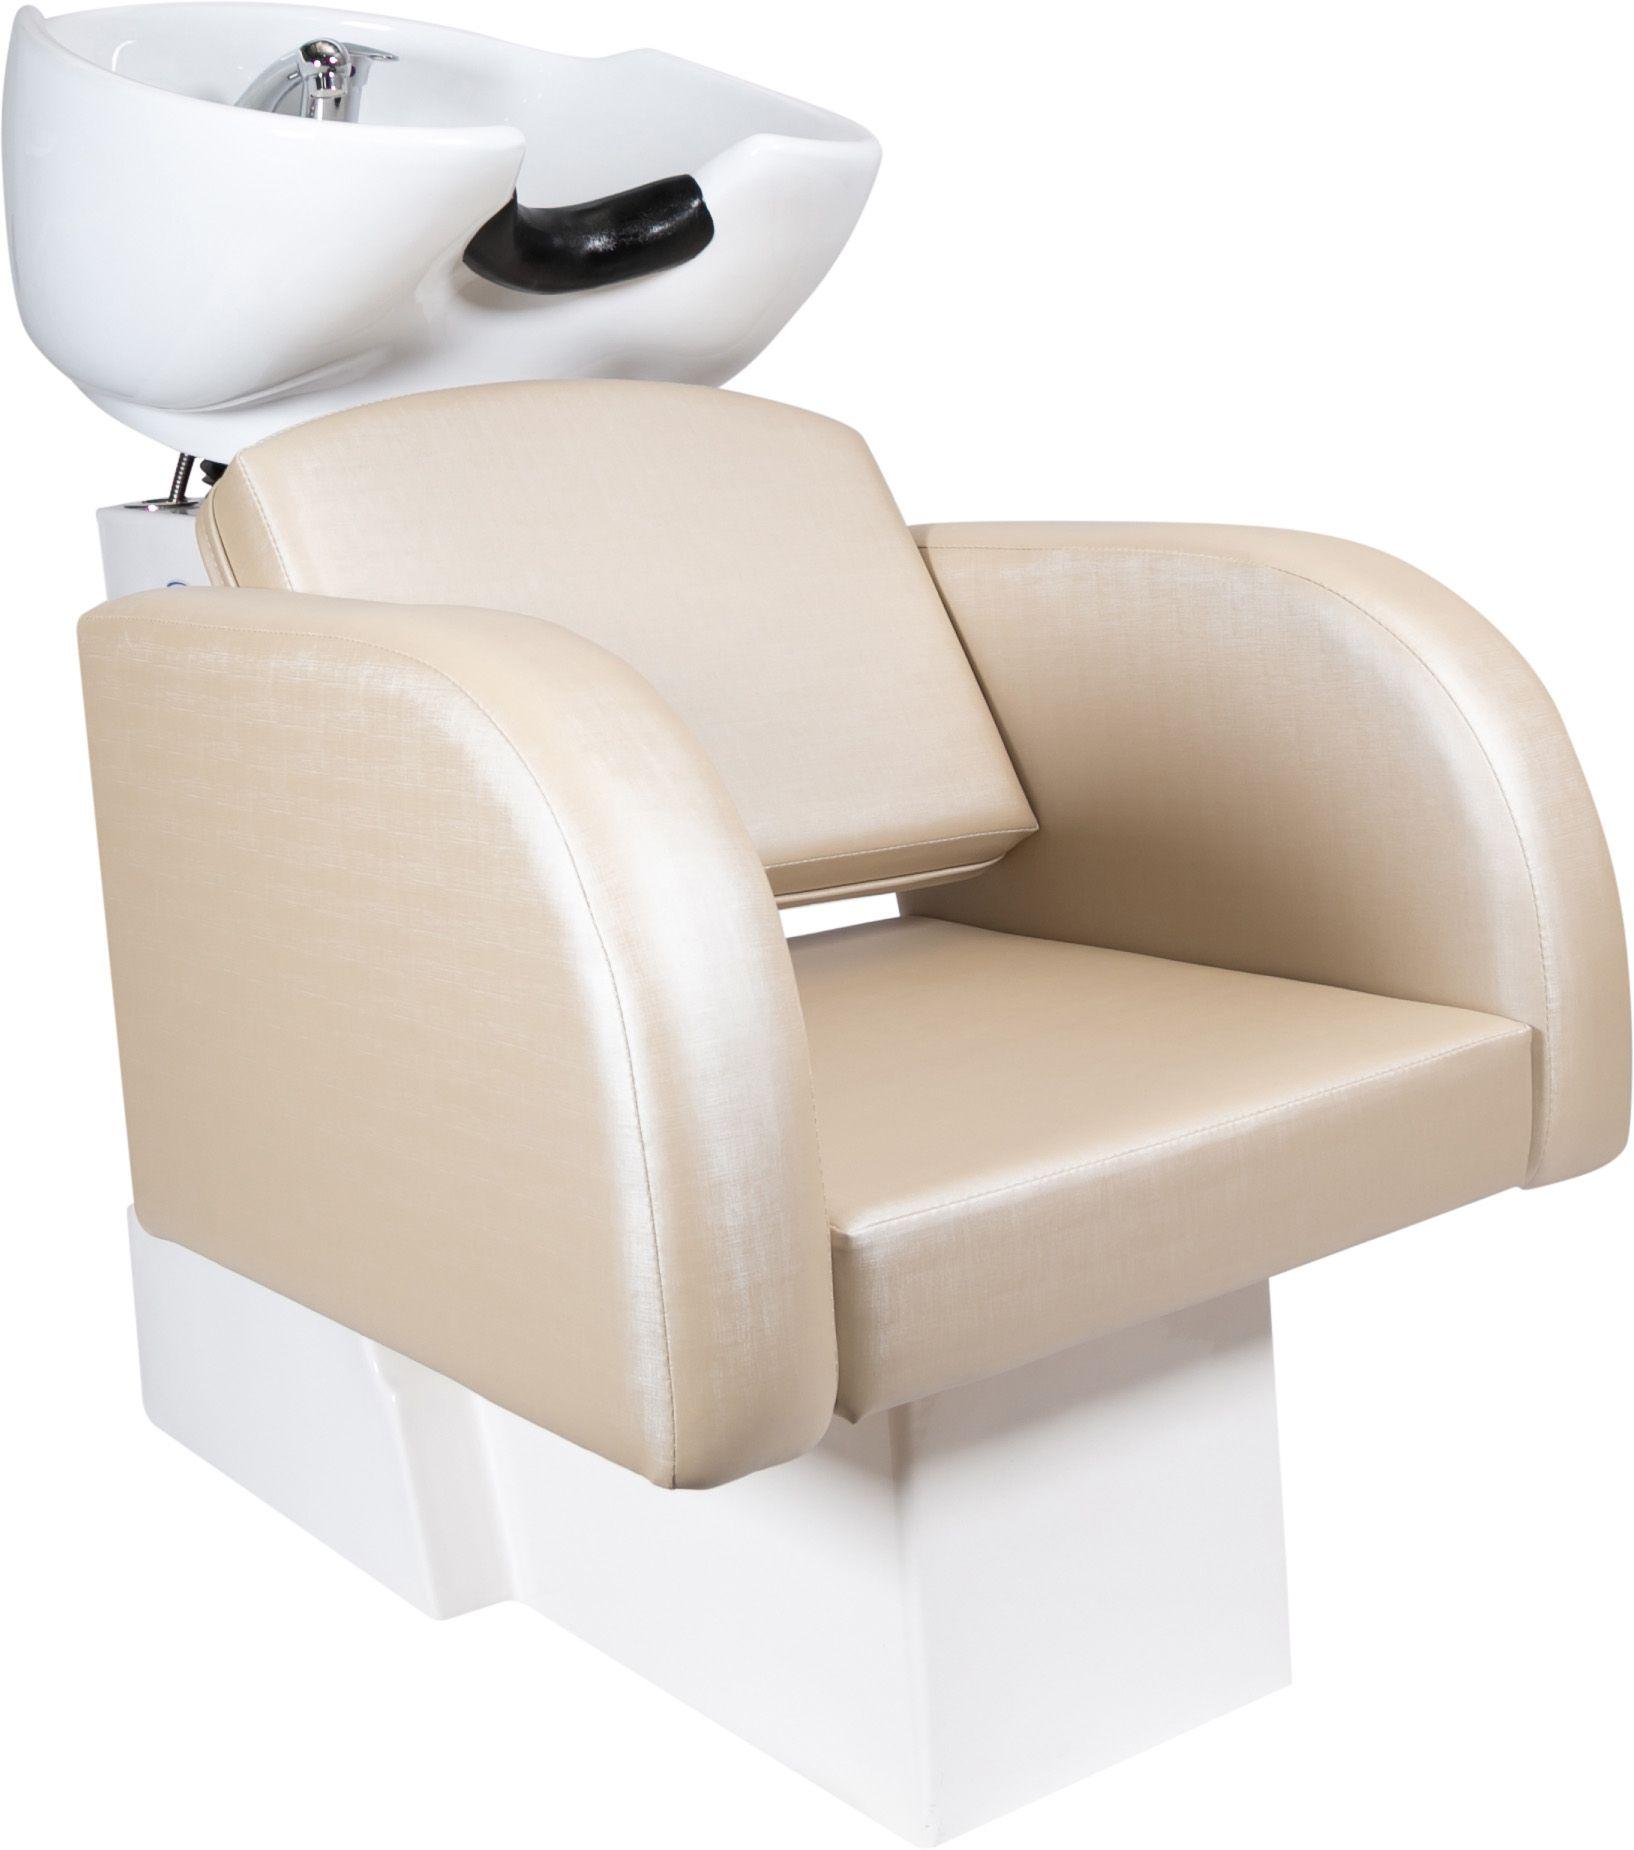 Destak Bege - 1 Lavatório Destak e 2 Cadeiras Hidráulicas / Fixas